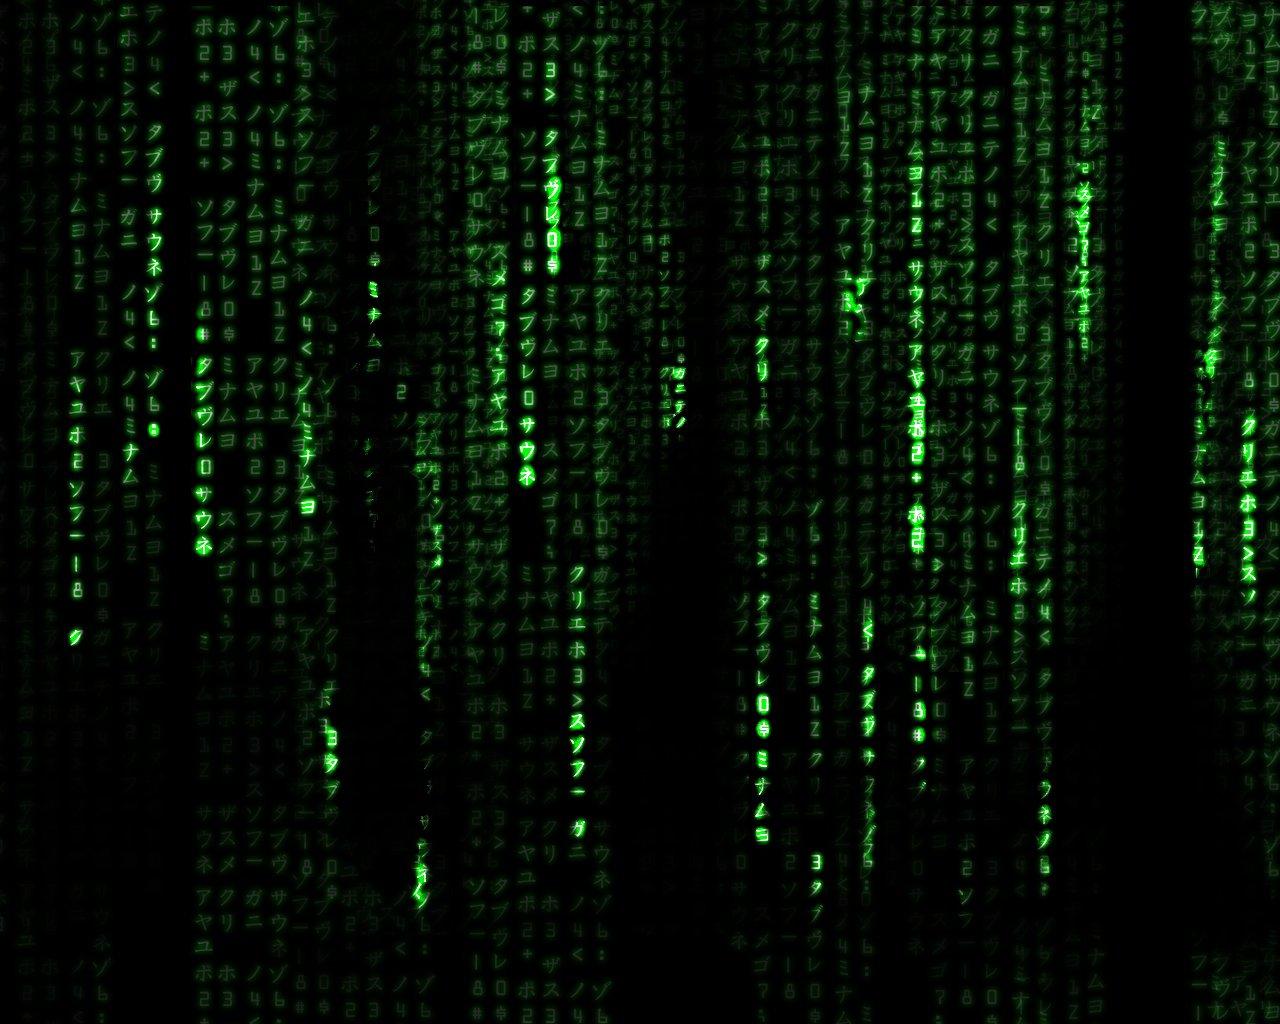 они большой анимационные фото из матрицы тьма